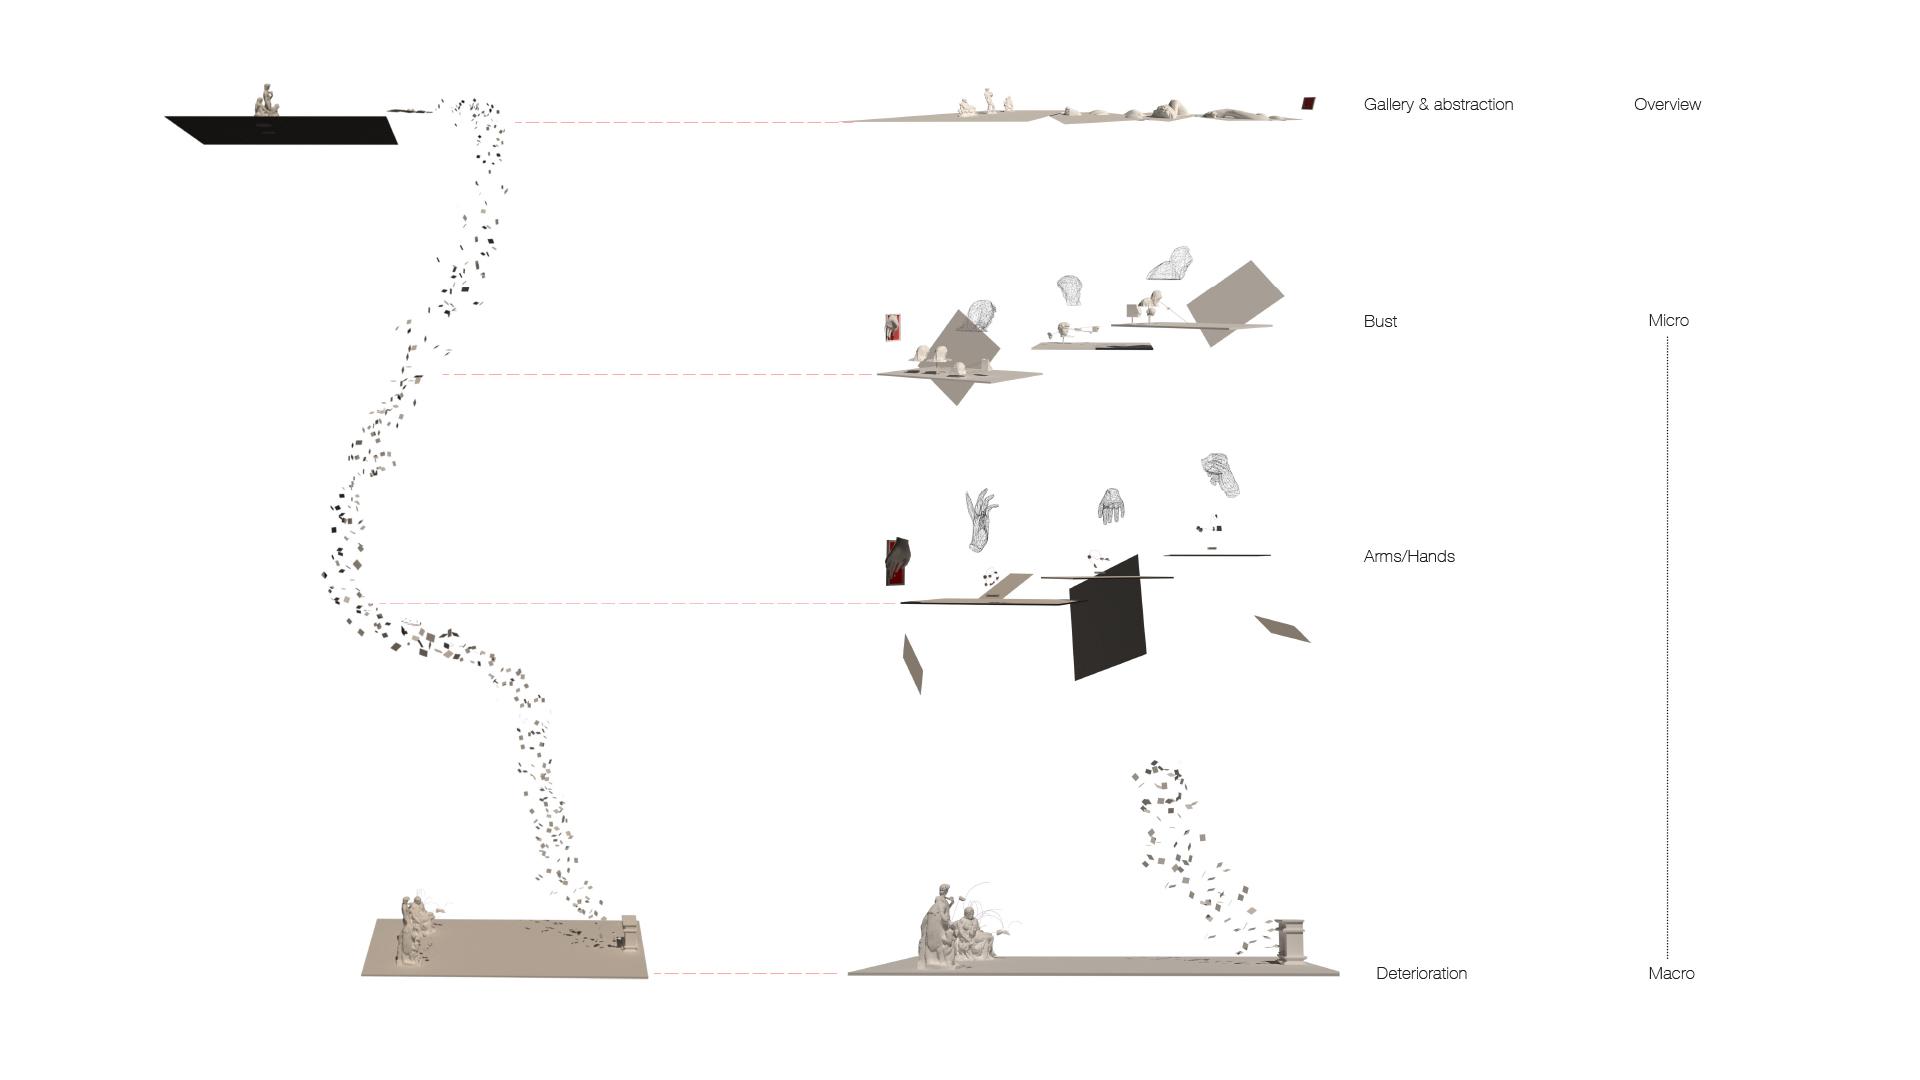 Journey-Diagram